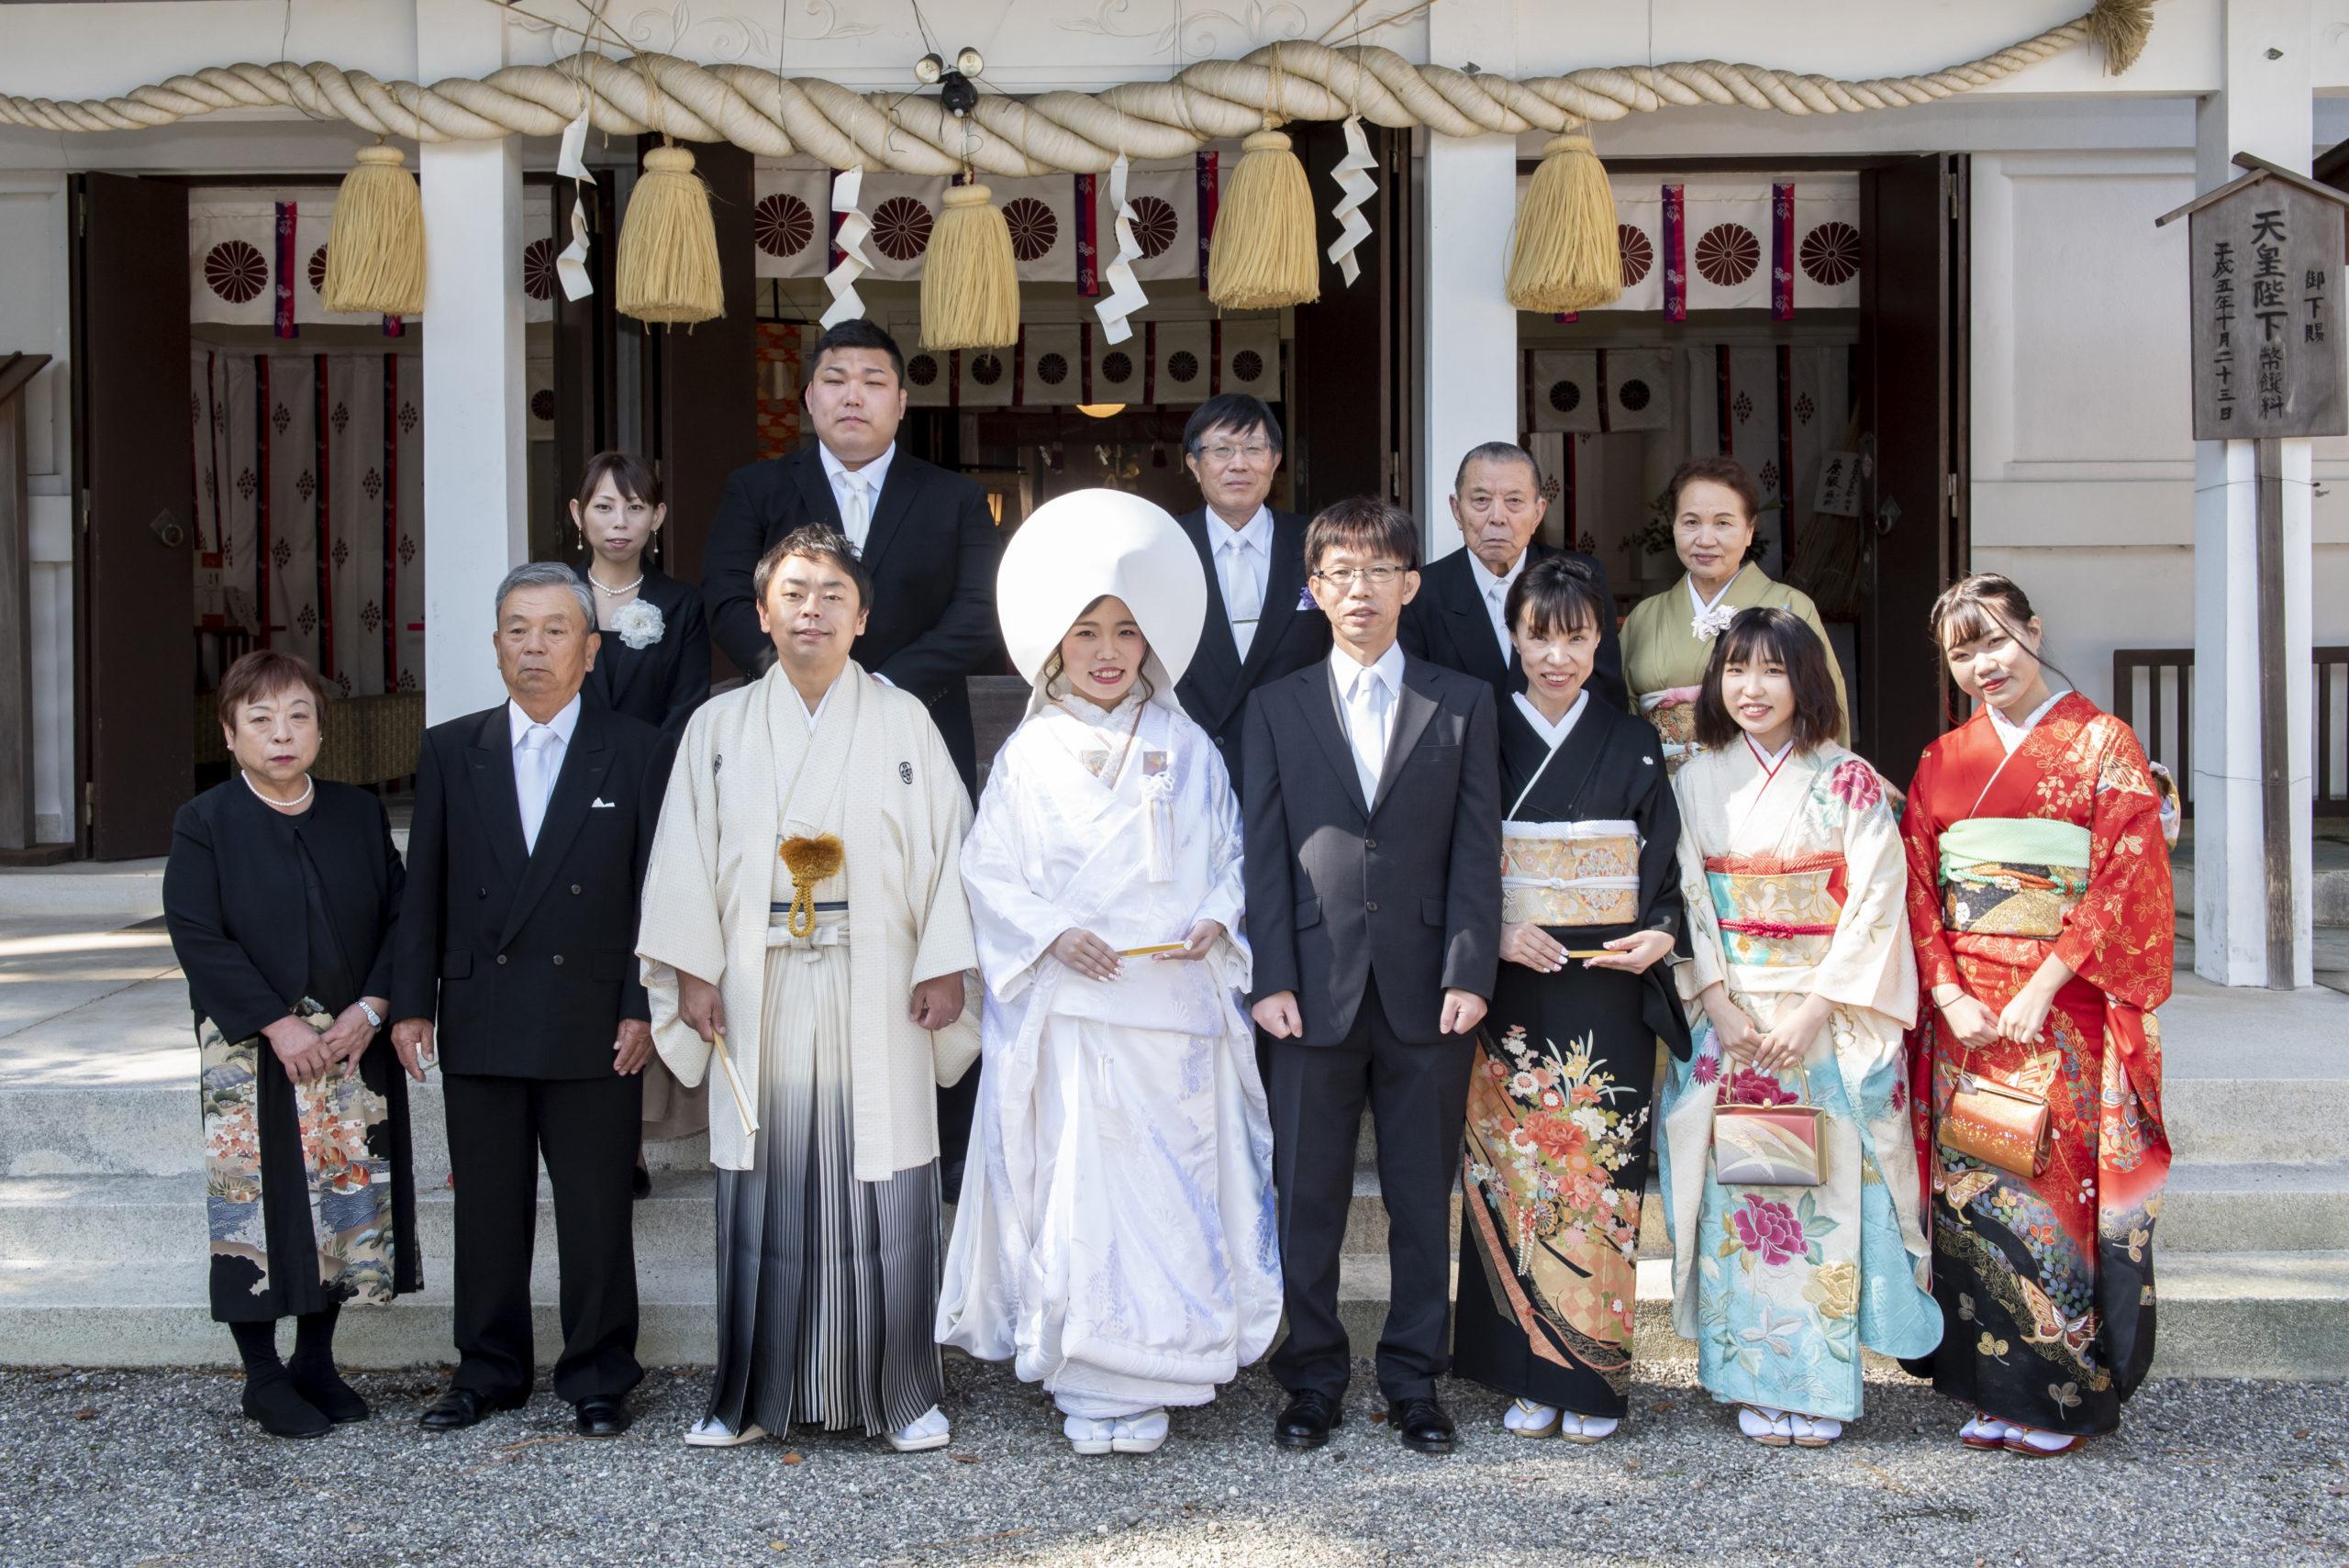 徳島市の結婚式場ブランアンジュで披露宴を行う前に挙式をした忌部神社で撮影した親族集合写真